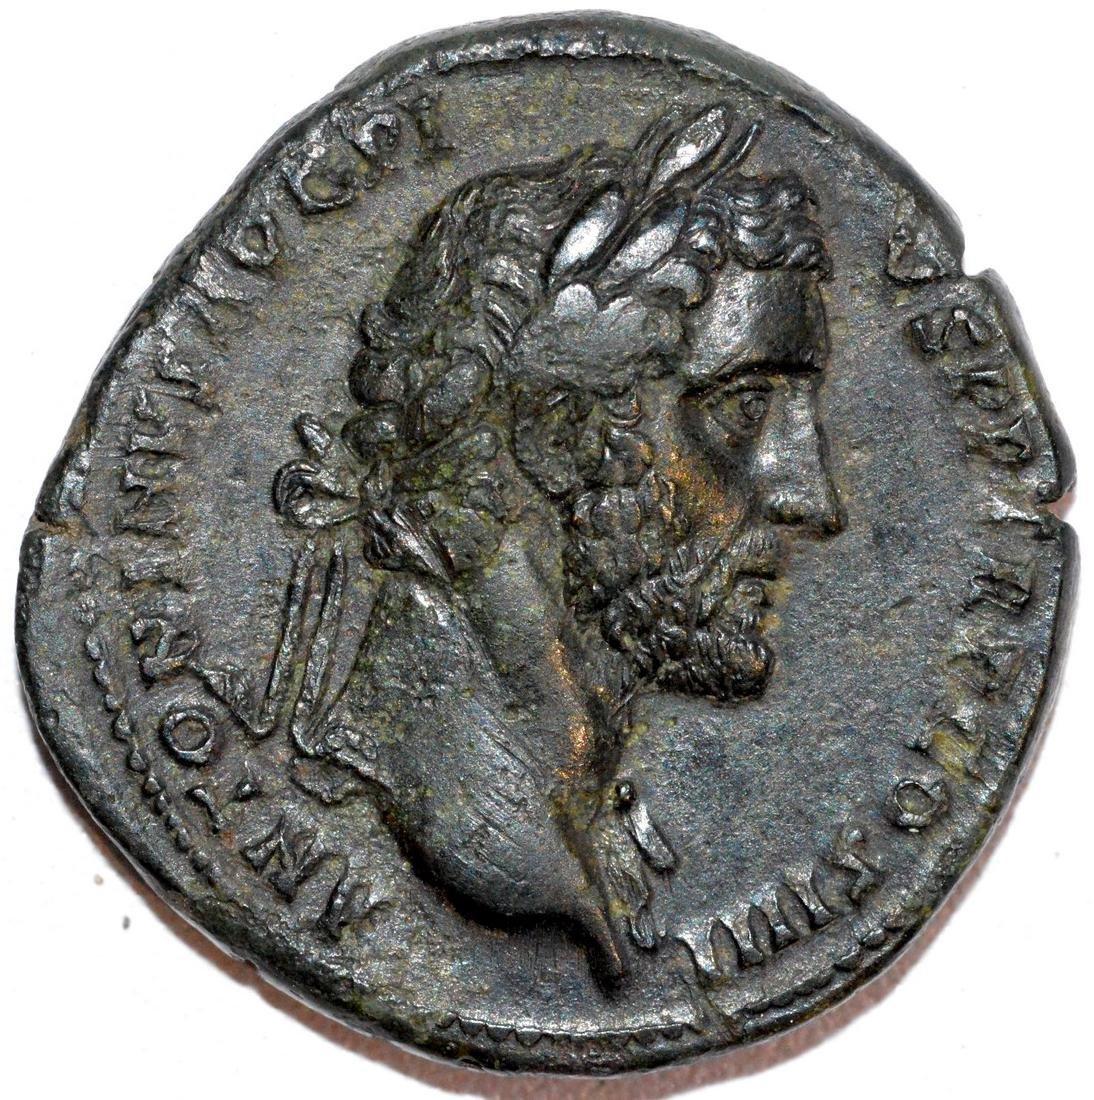 Rare Ancient Roman Sestertius of Emperor Antoninus Pius